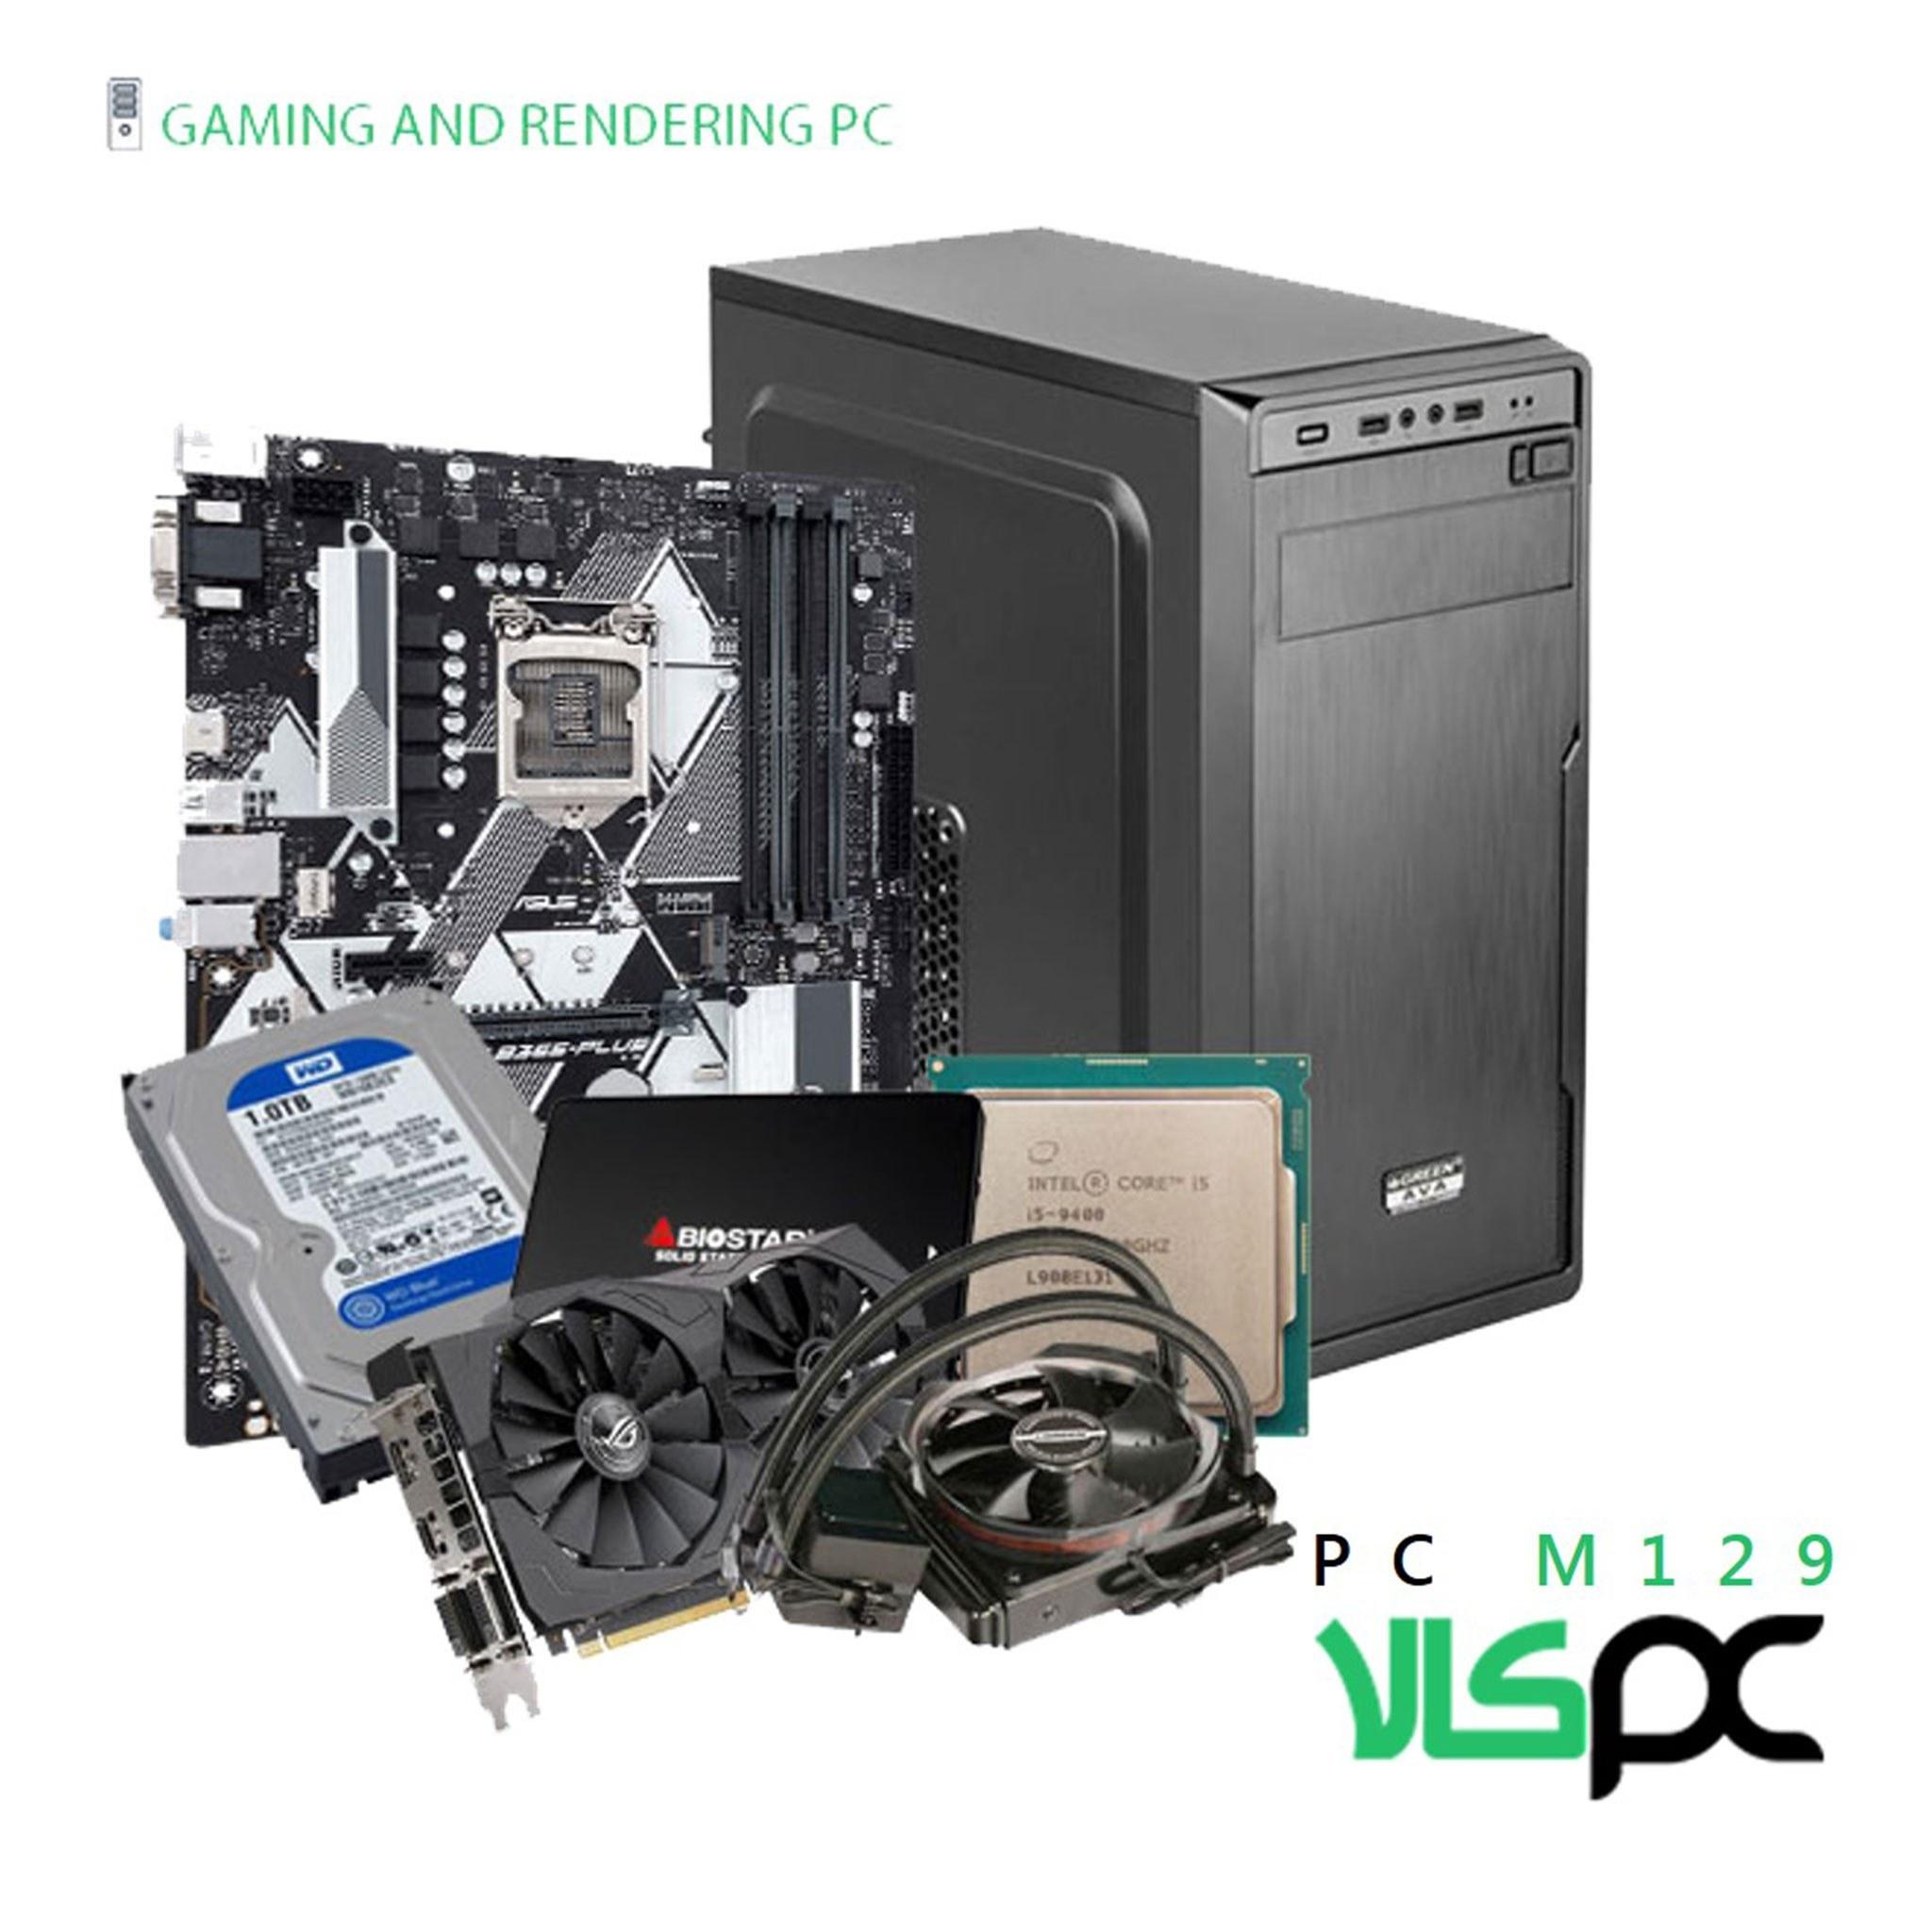 تصویر سیستم گیمینگ / رندرینگ / طراحی و مهندسی M129